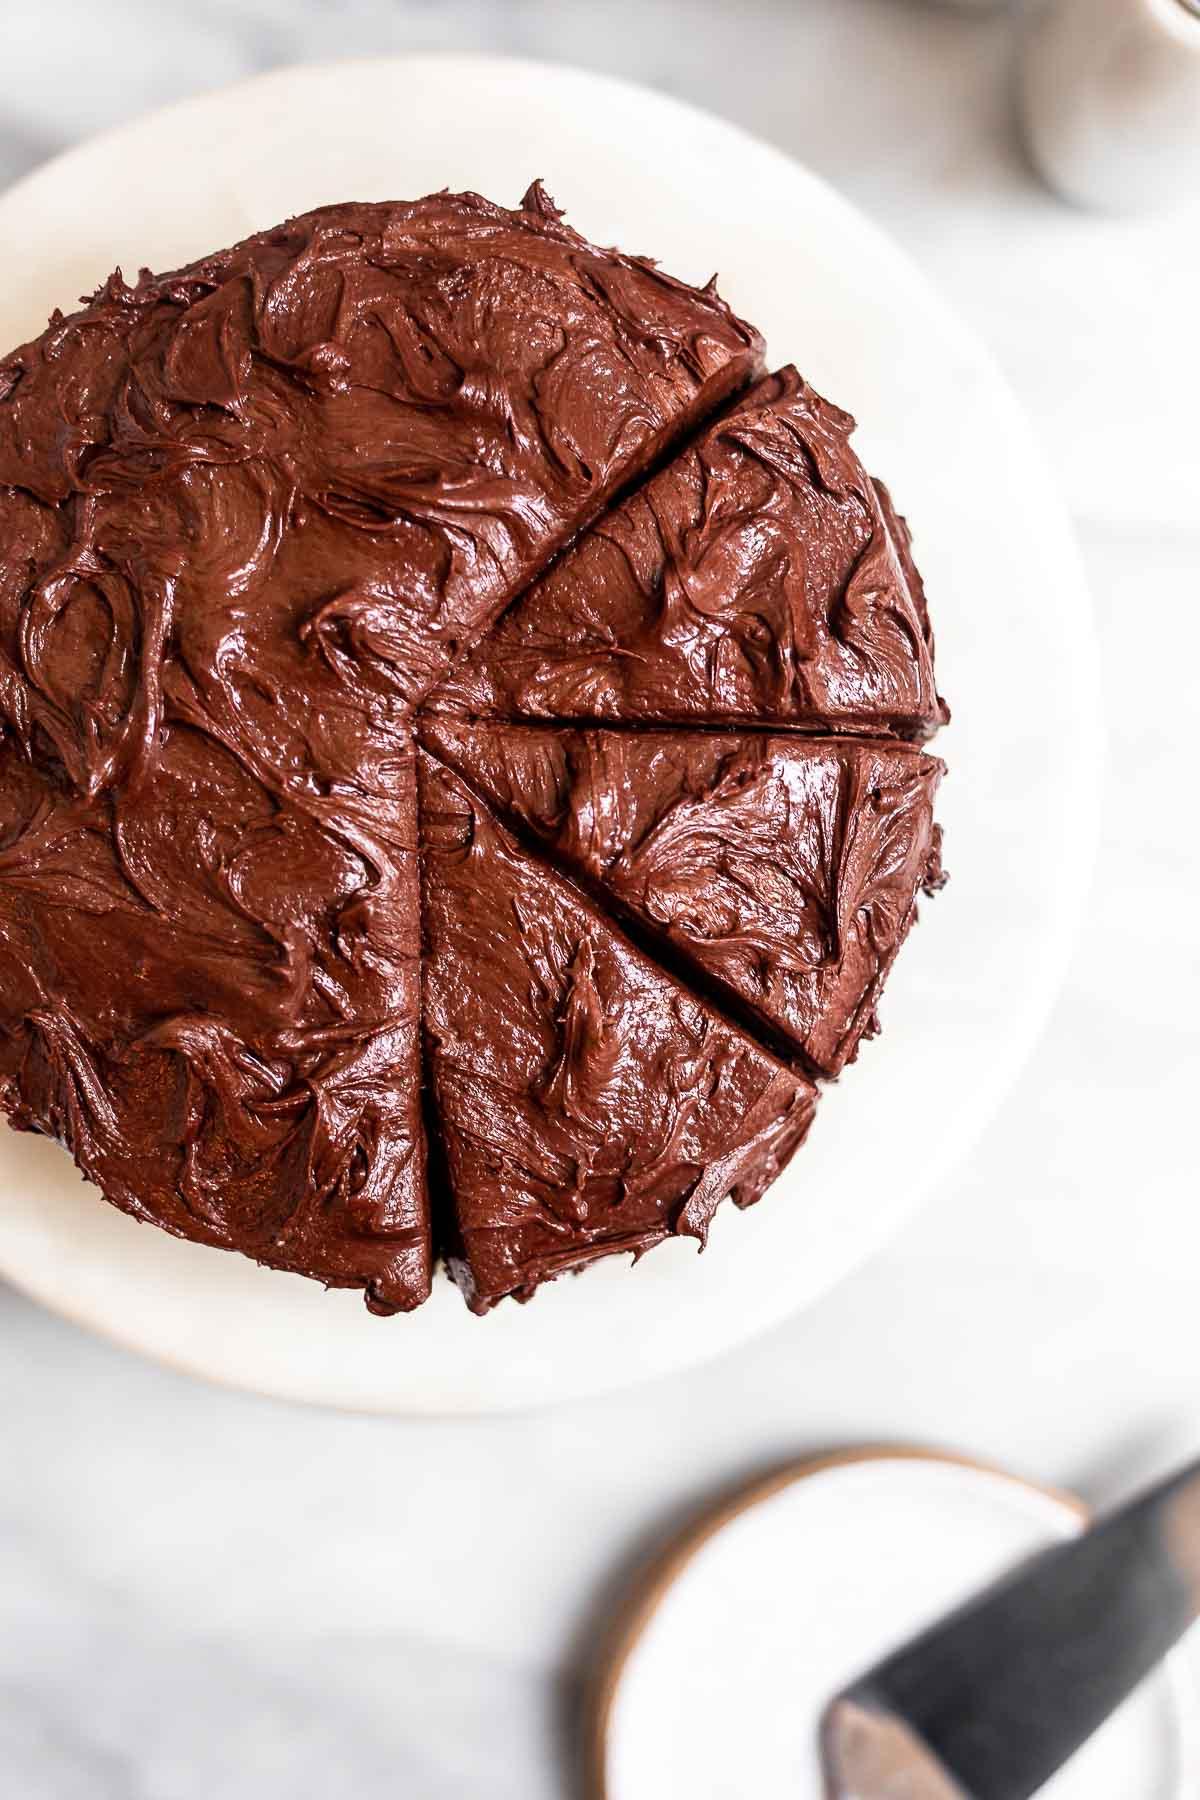 Overhead shot of the vegan gluten free chocolate cake.